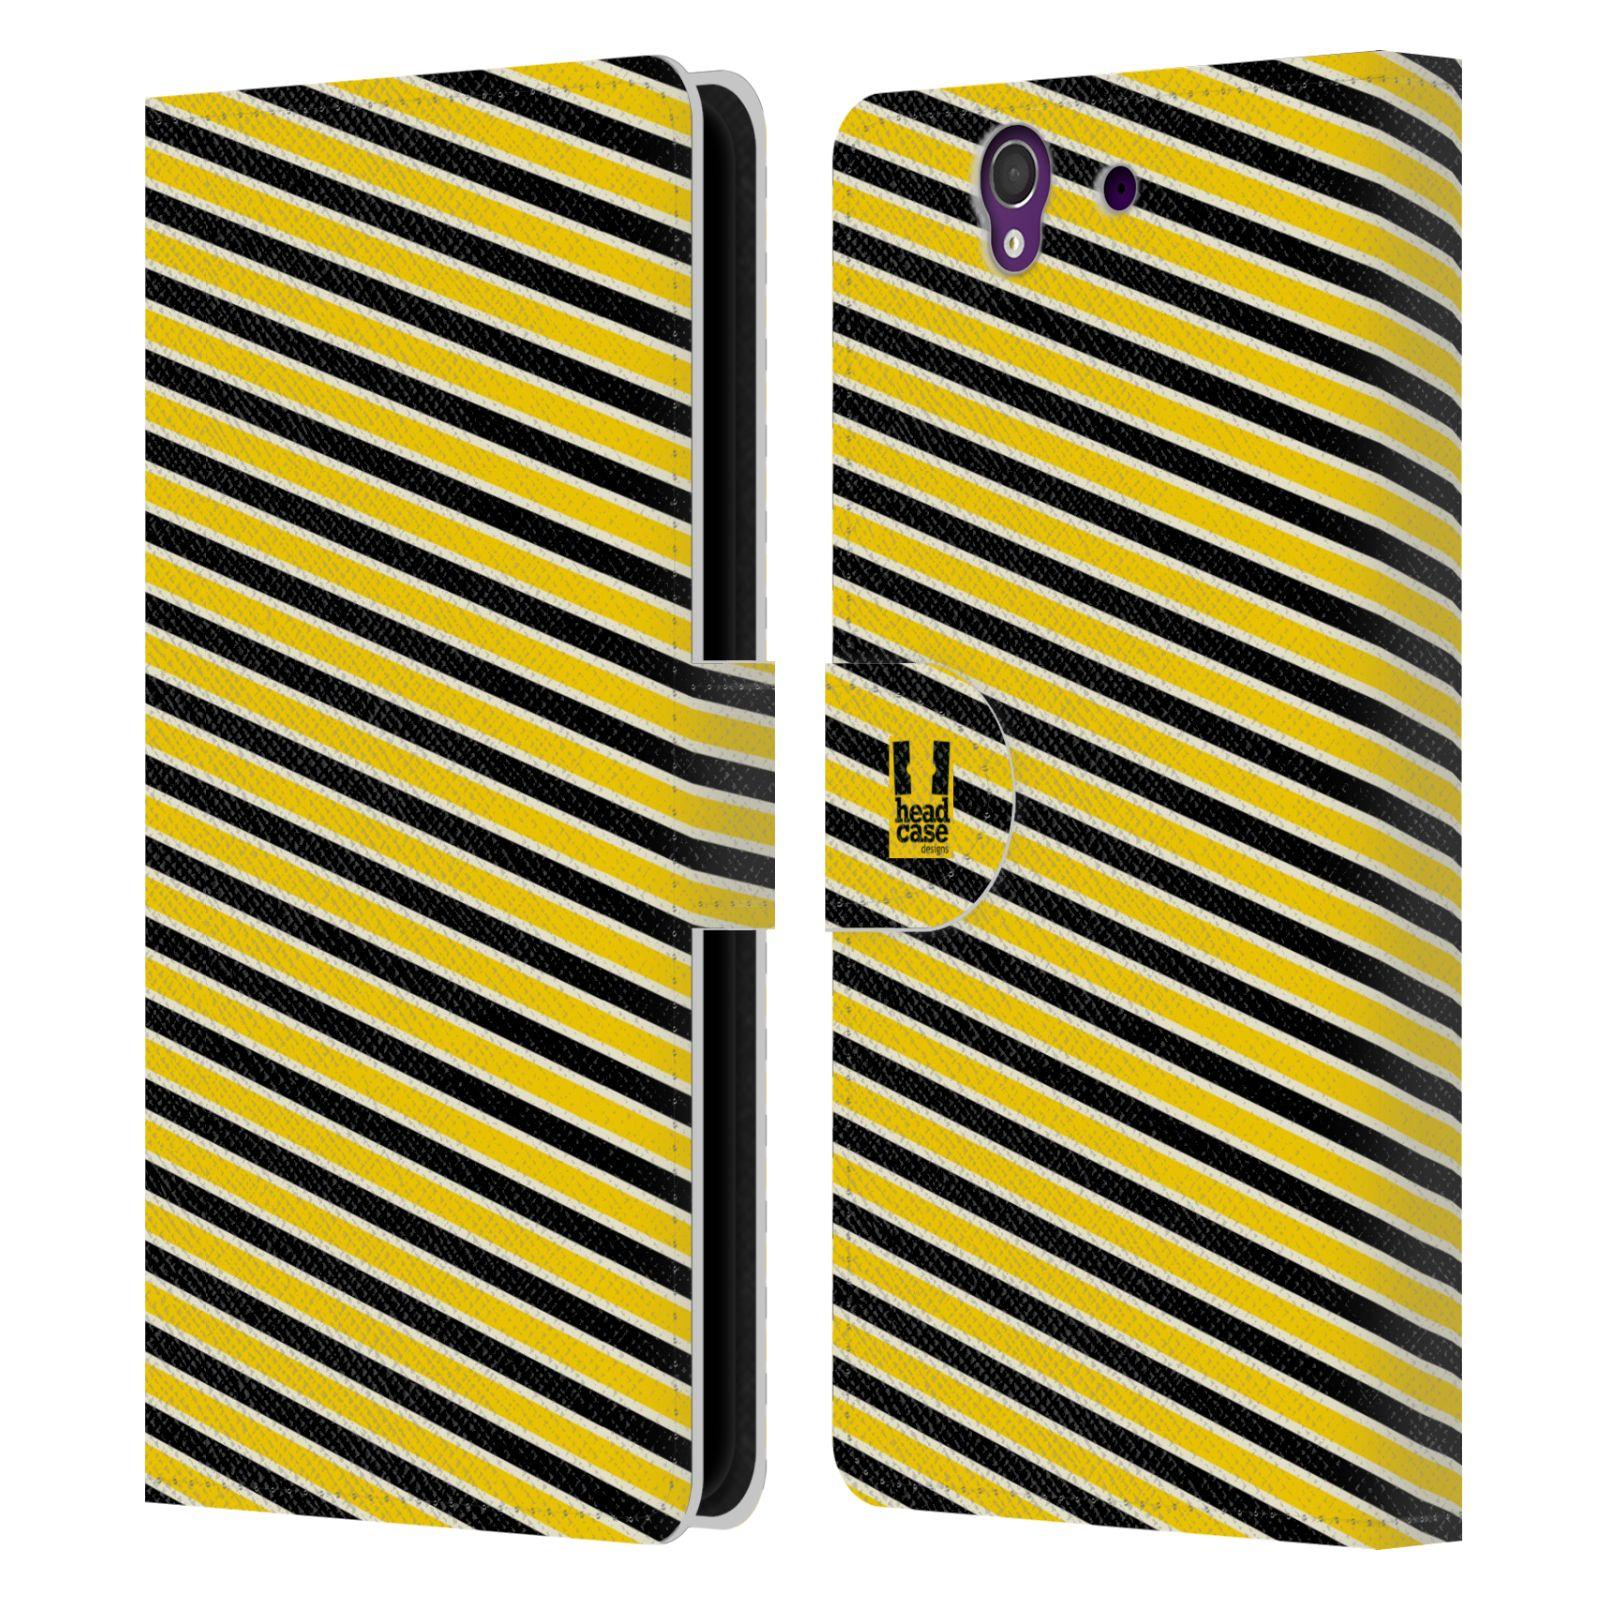 HEAD CASE Flipové pouzdro pro mobil SONY XPERIA Z (C6603) VČELÍ VZOR pruhy žlutá a černá